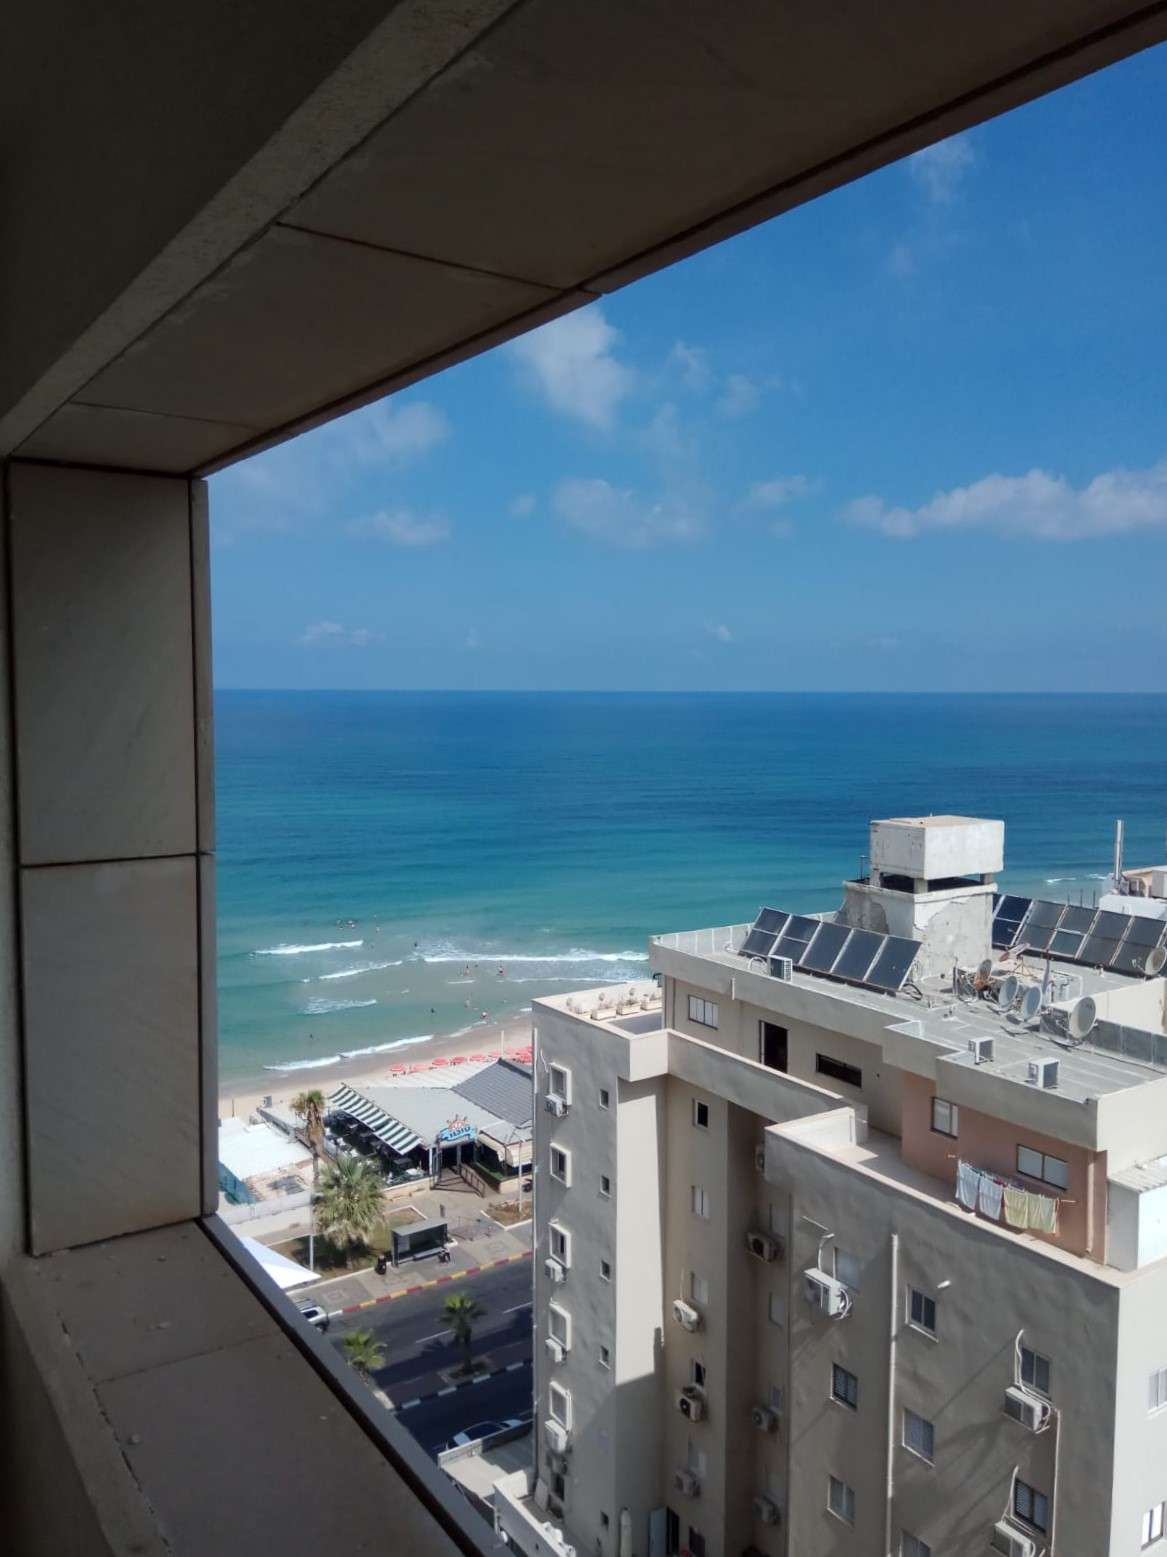 בת ים מלון לאונרדו למכירה 2 חדרים 1,750,000₪, בת ים